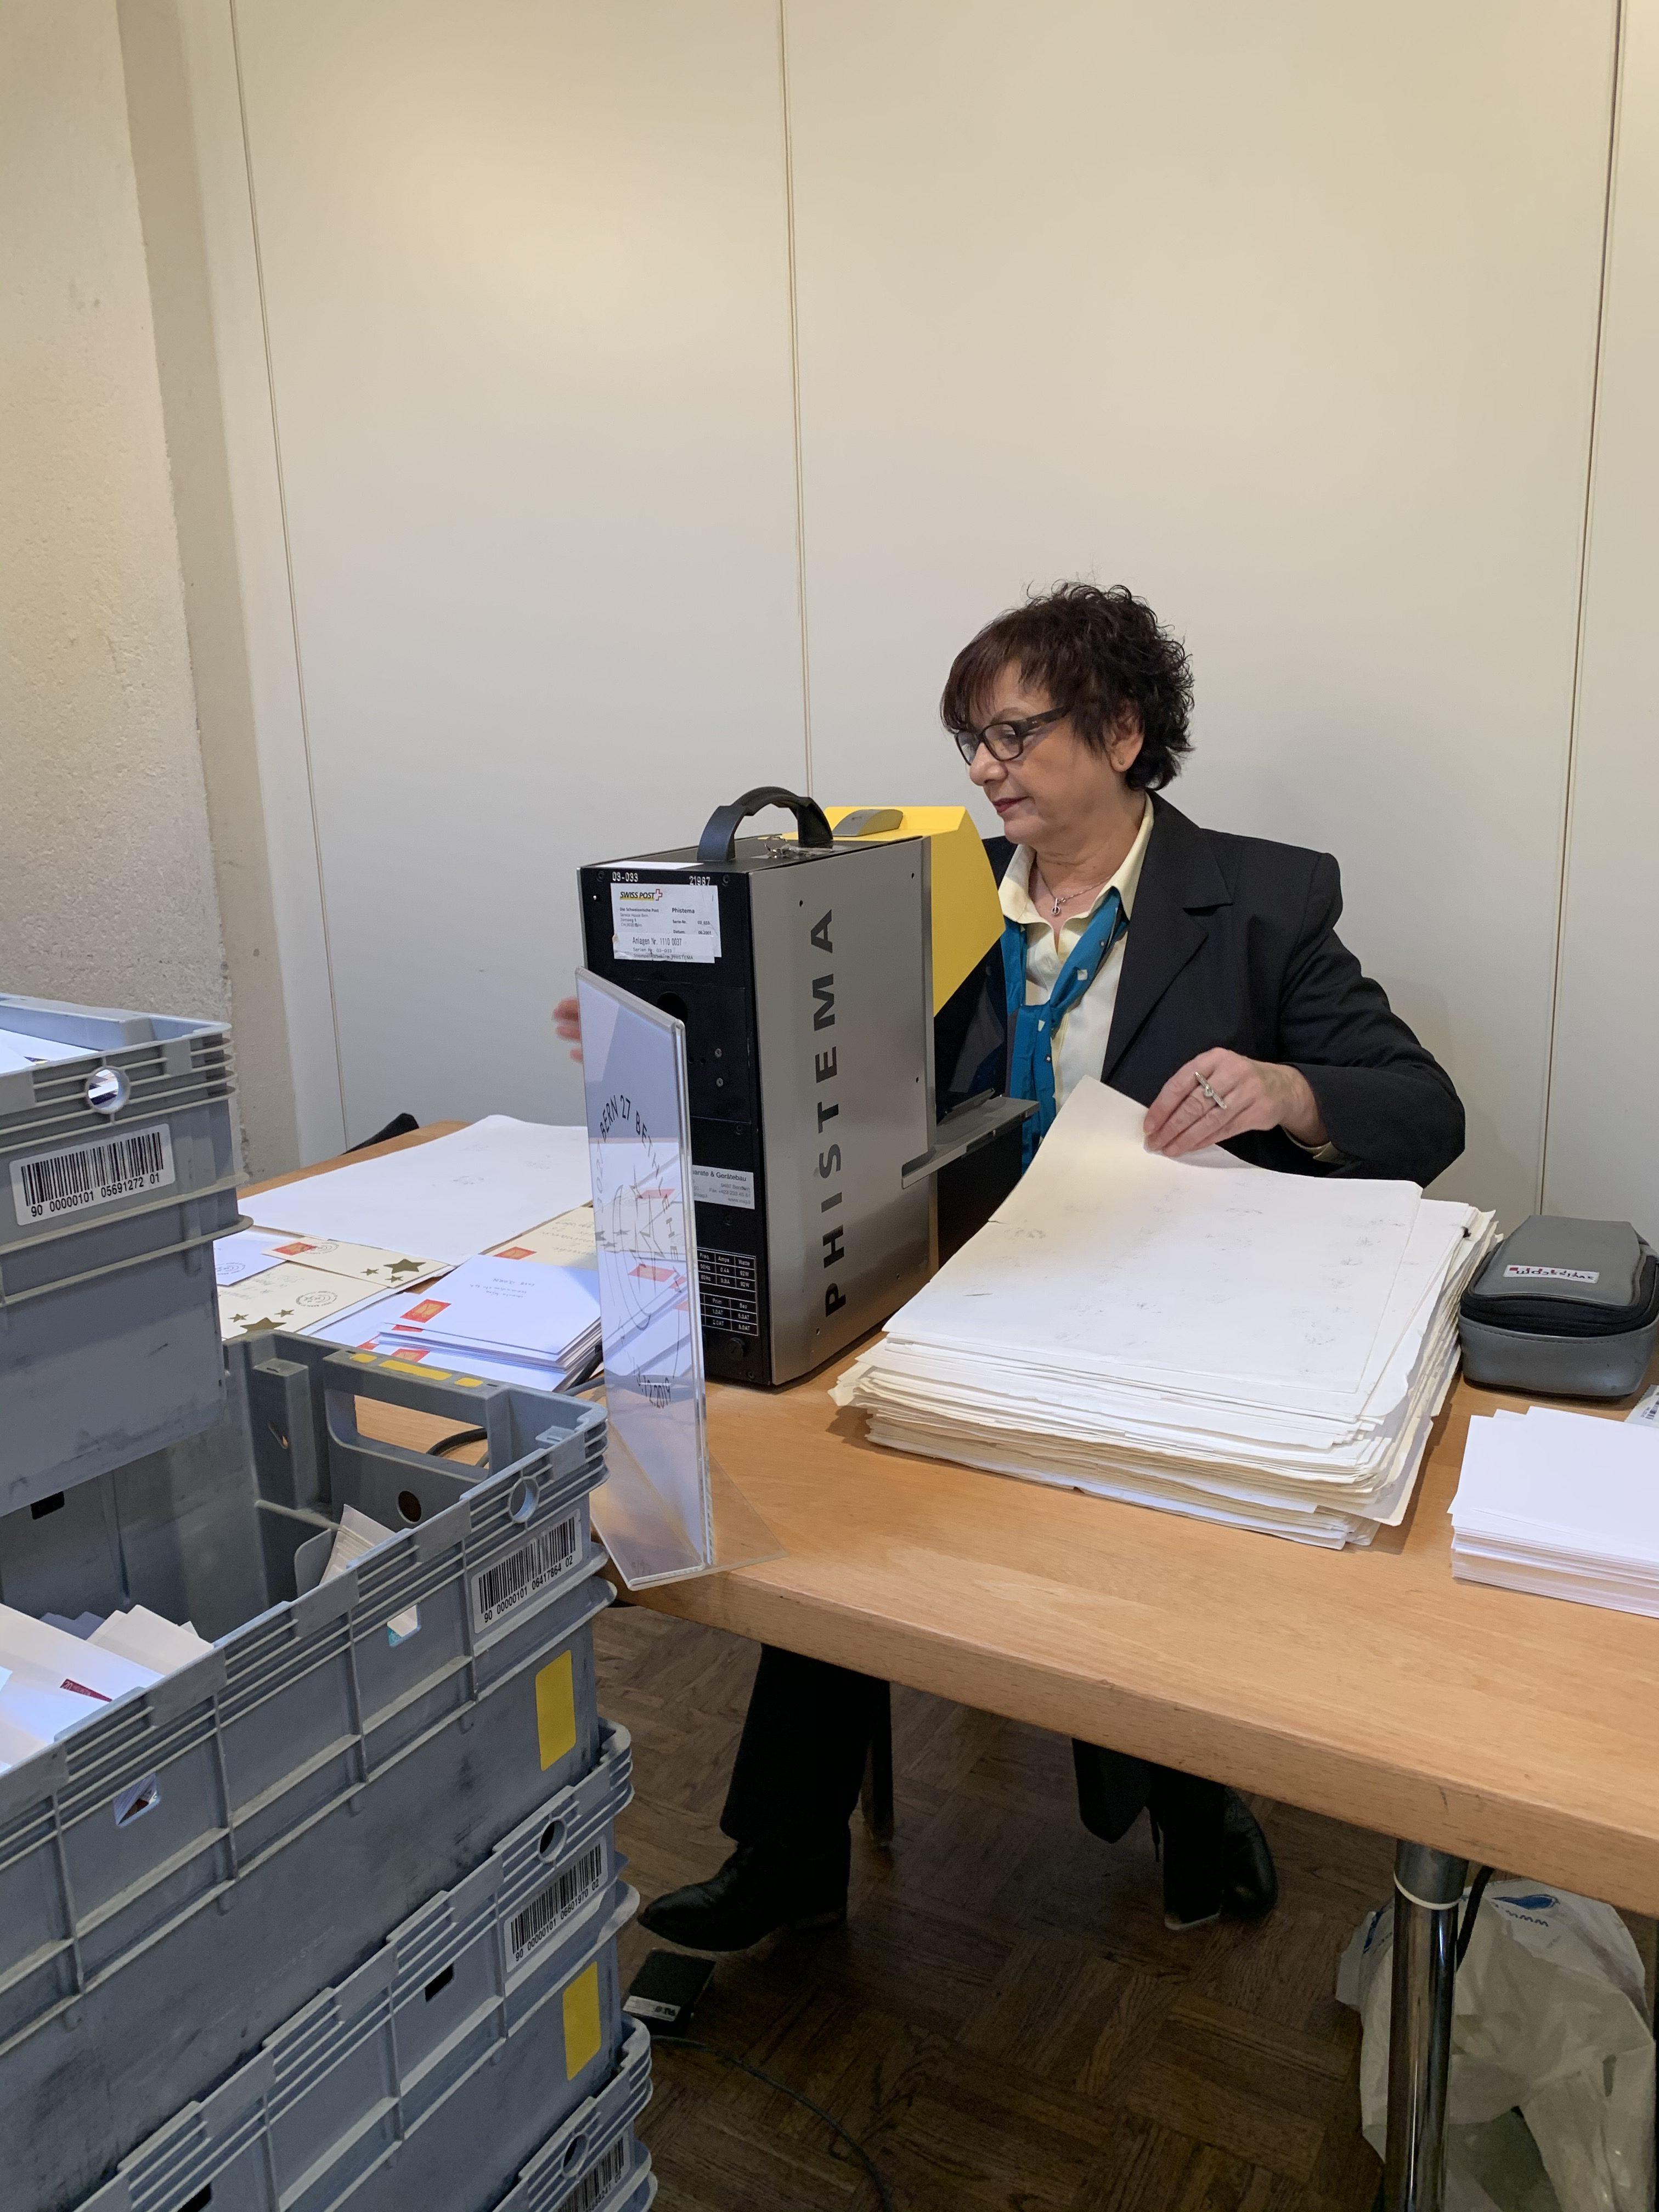 Valéria Strässle stempelt jeden Brief mit einer Frankaturmaschine von Hand